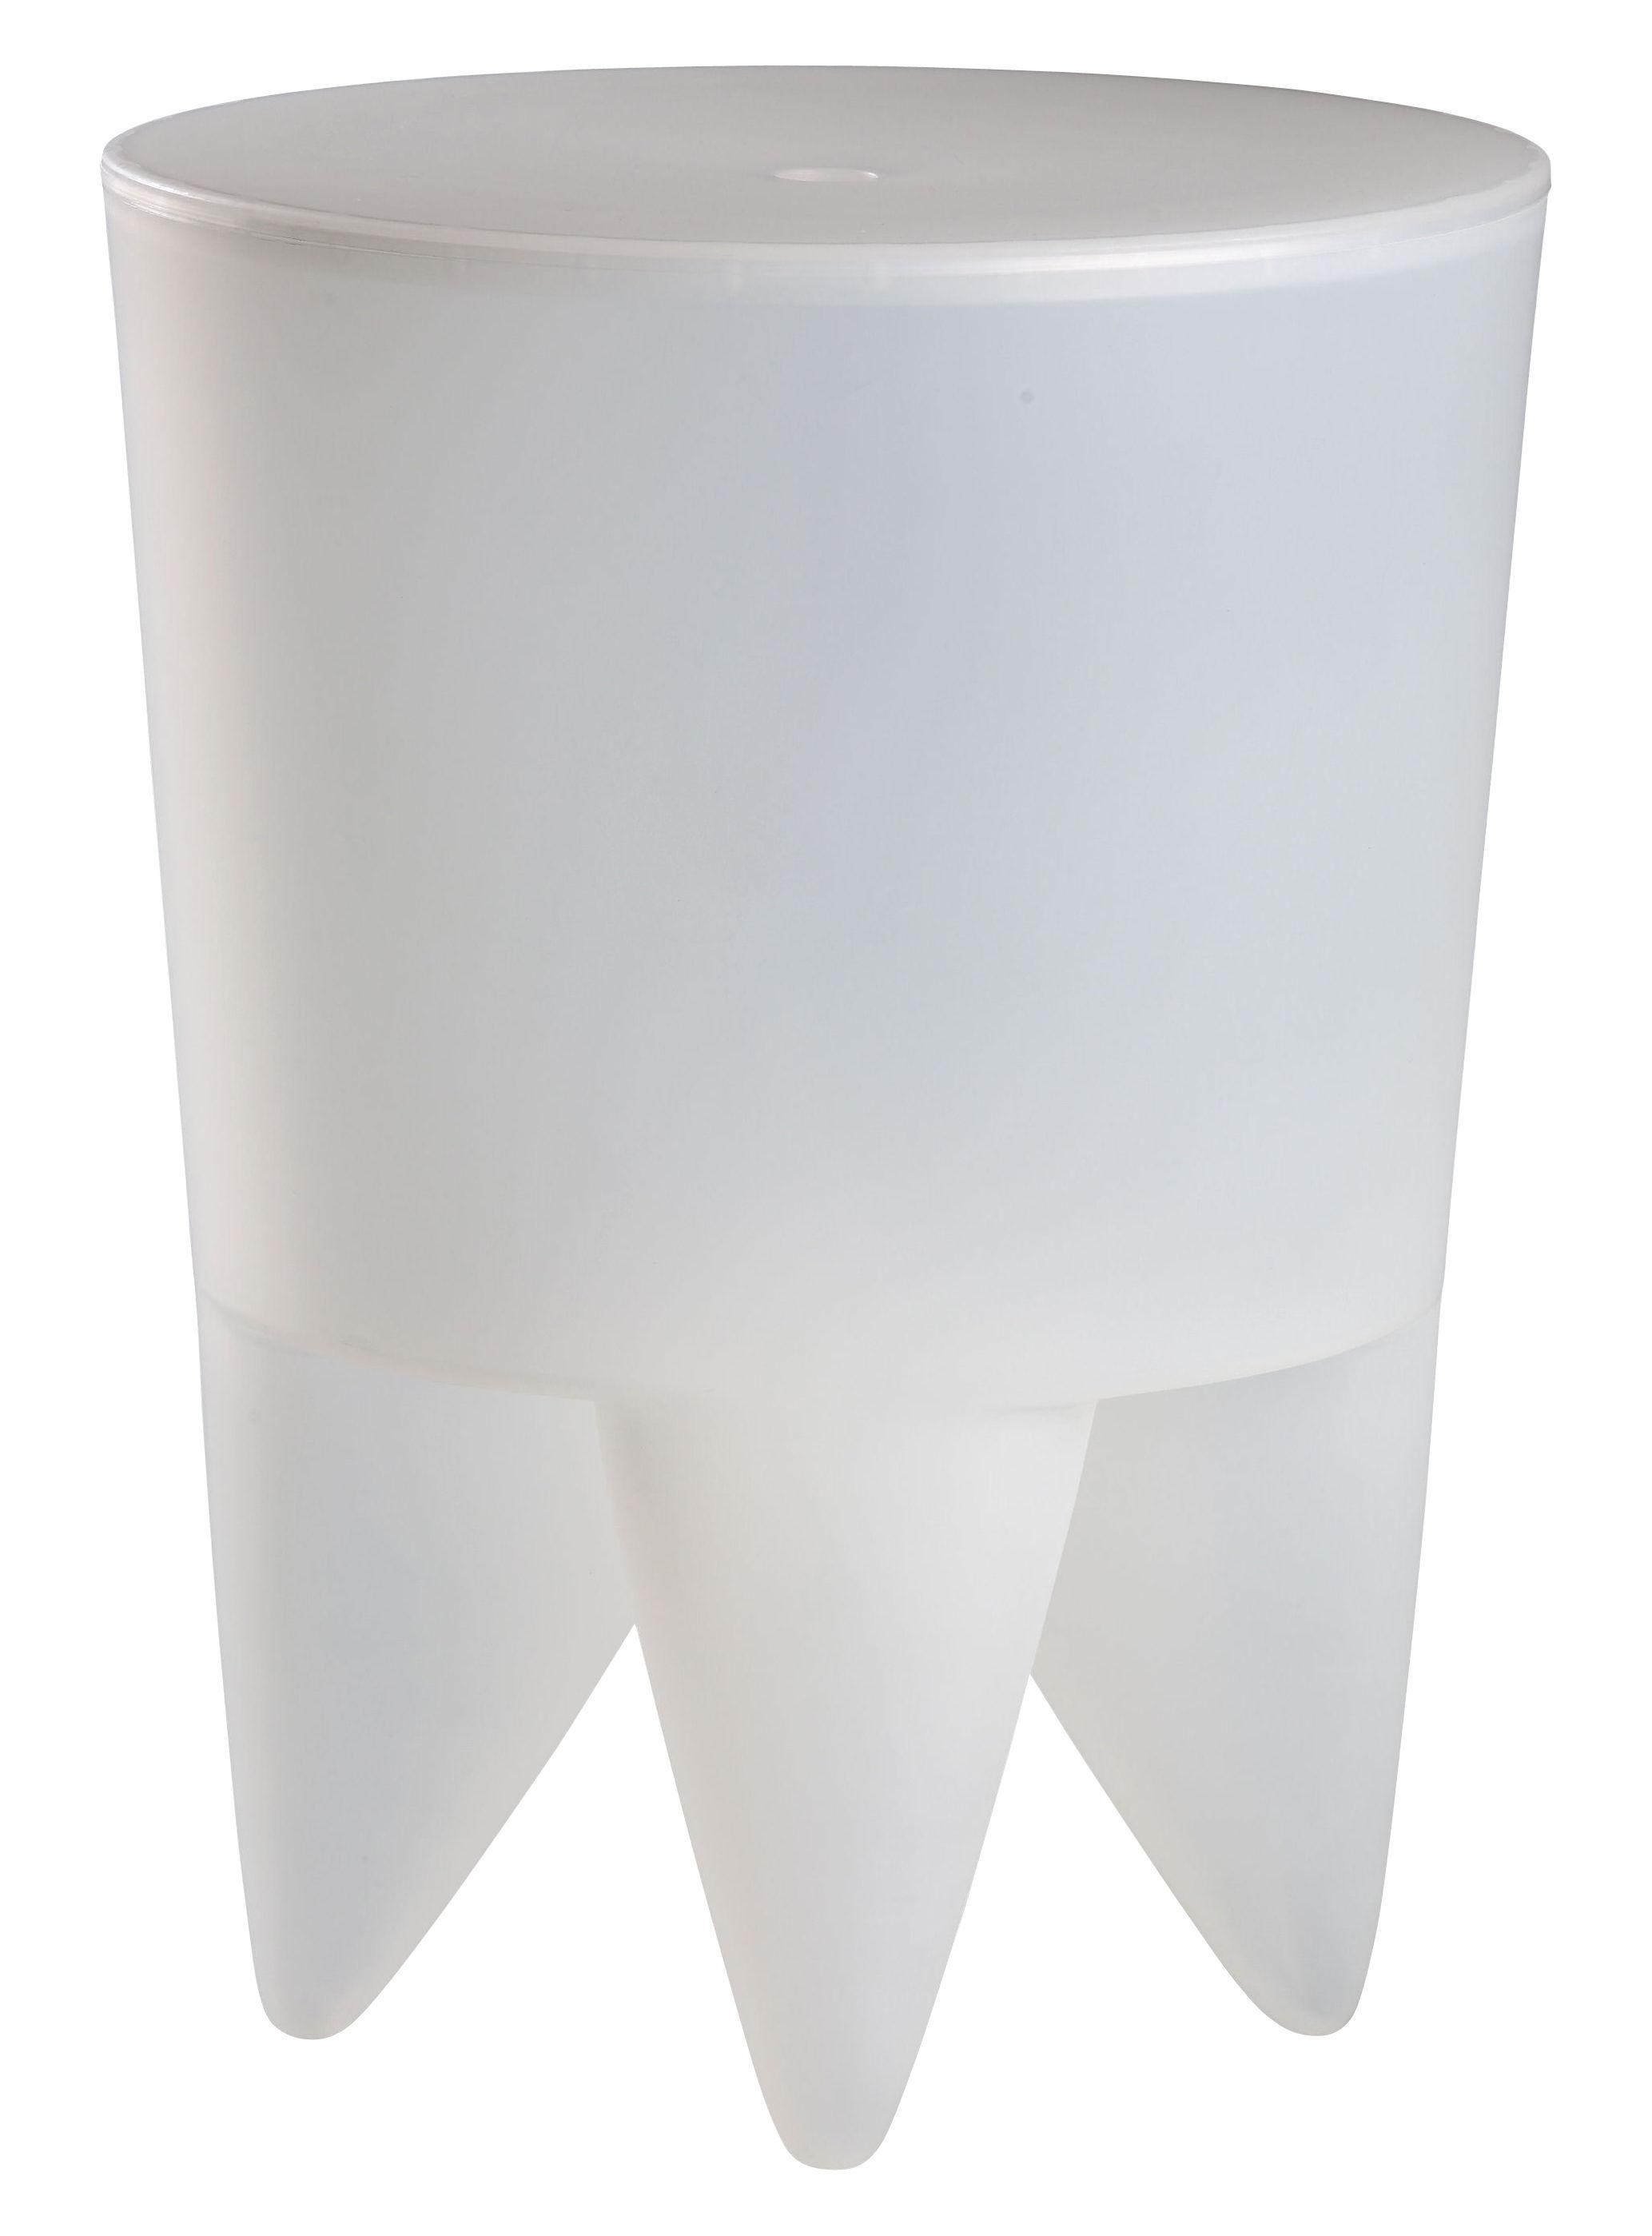 Mobilier - Mobilier Ados - Tabouret New Bubu 1er / Coffre - Plastique - XO - Blanc translucide - Polypropylène